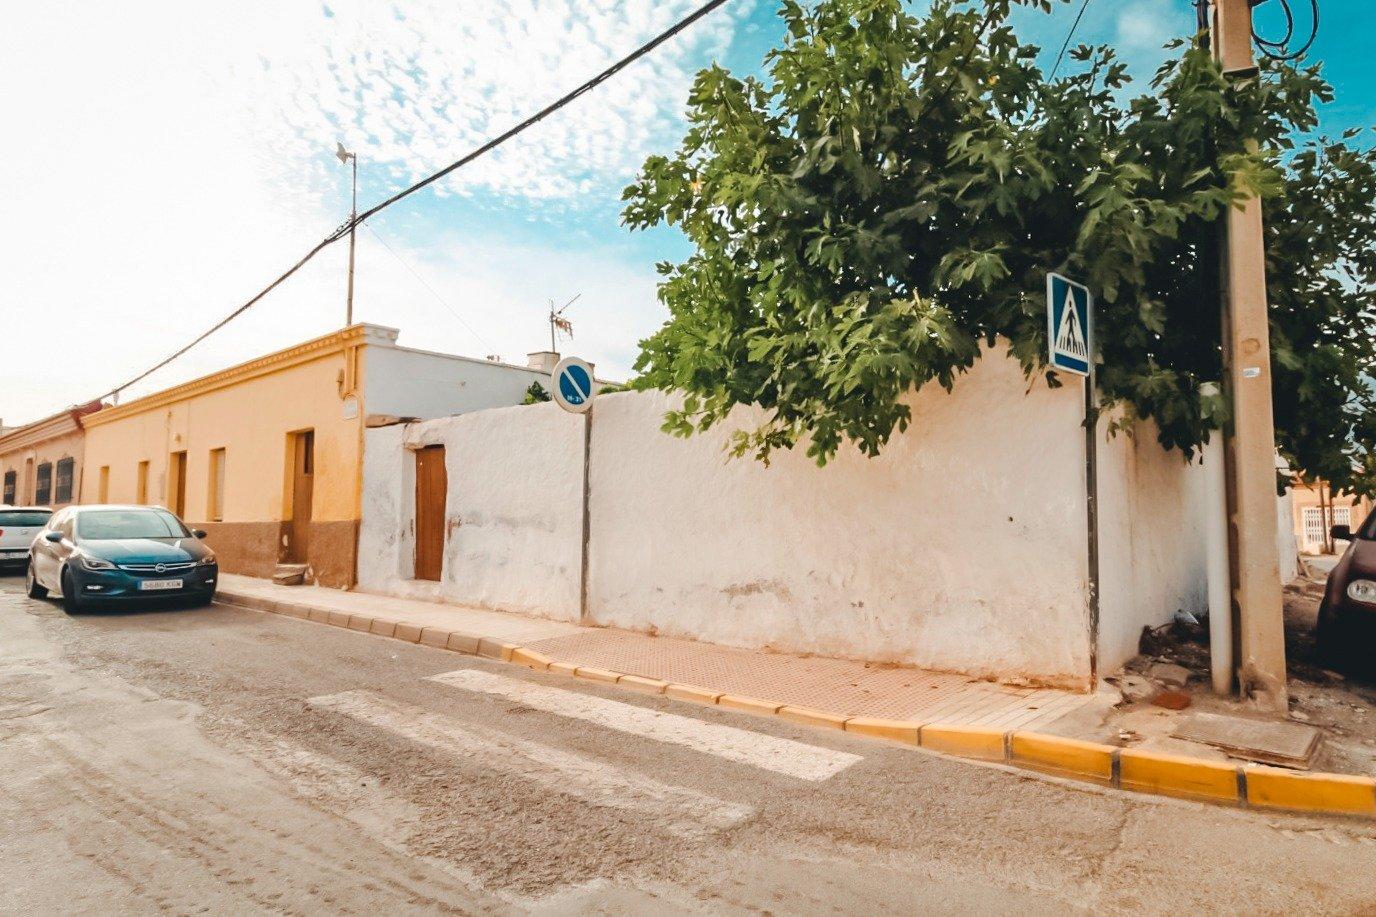 Casa Con Terreno · El Ejido · Las Norias 97.300€€